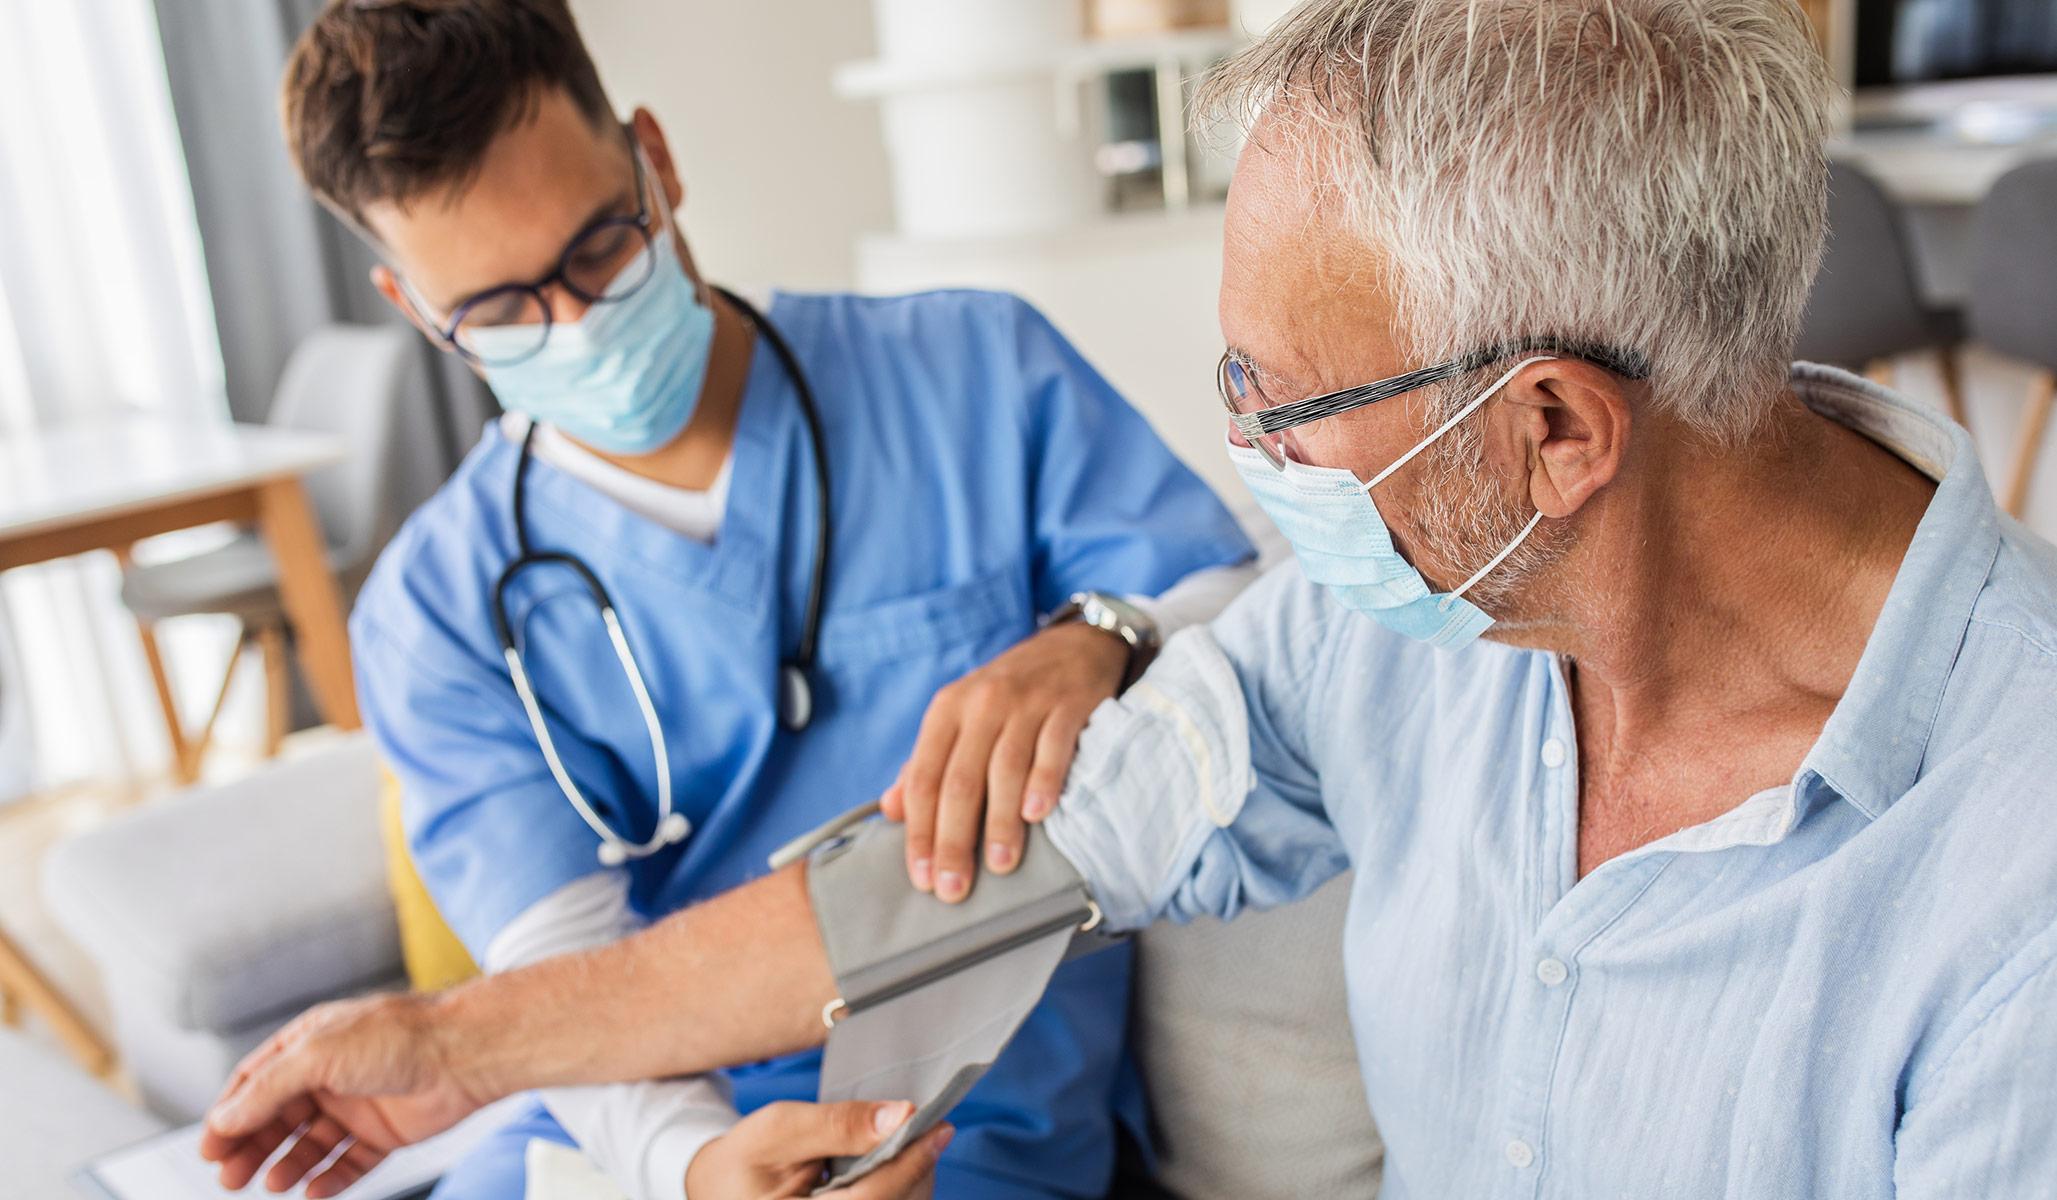 Skema Ekspansi Medicaid: Pasokan Perawatan Kesehatan Tidak Memadai